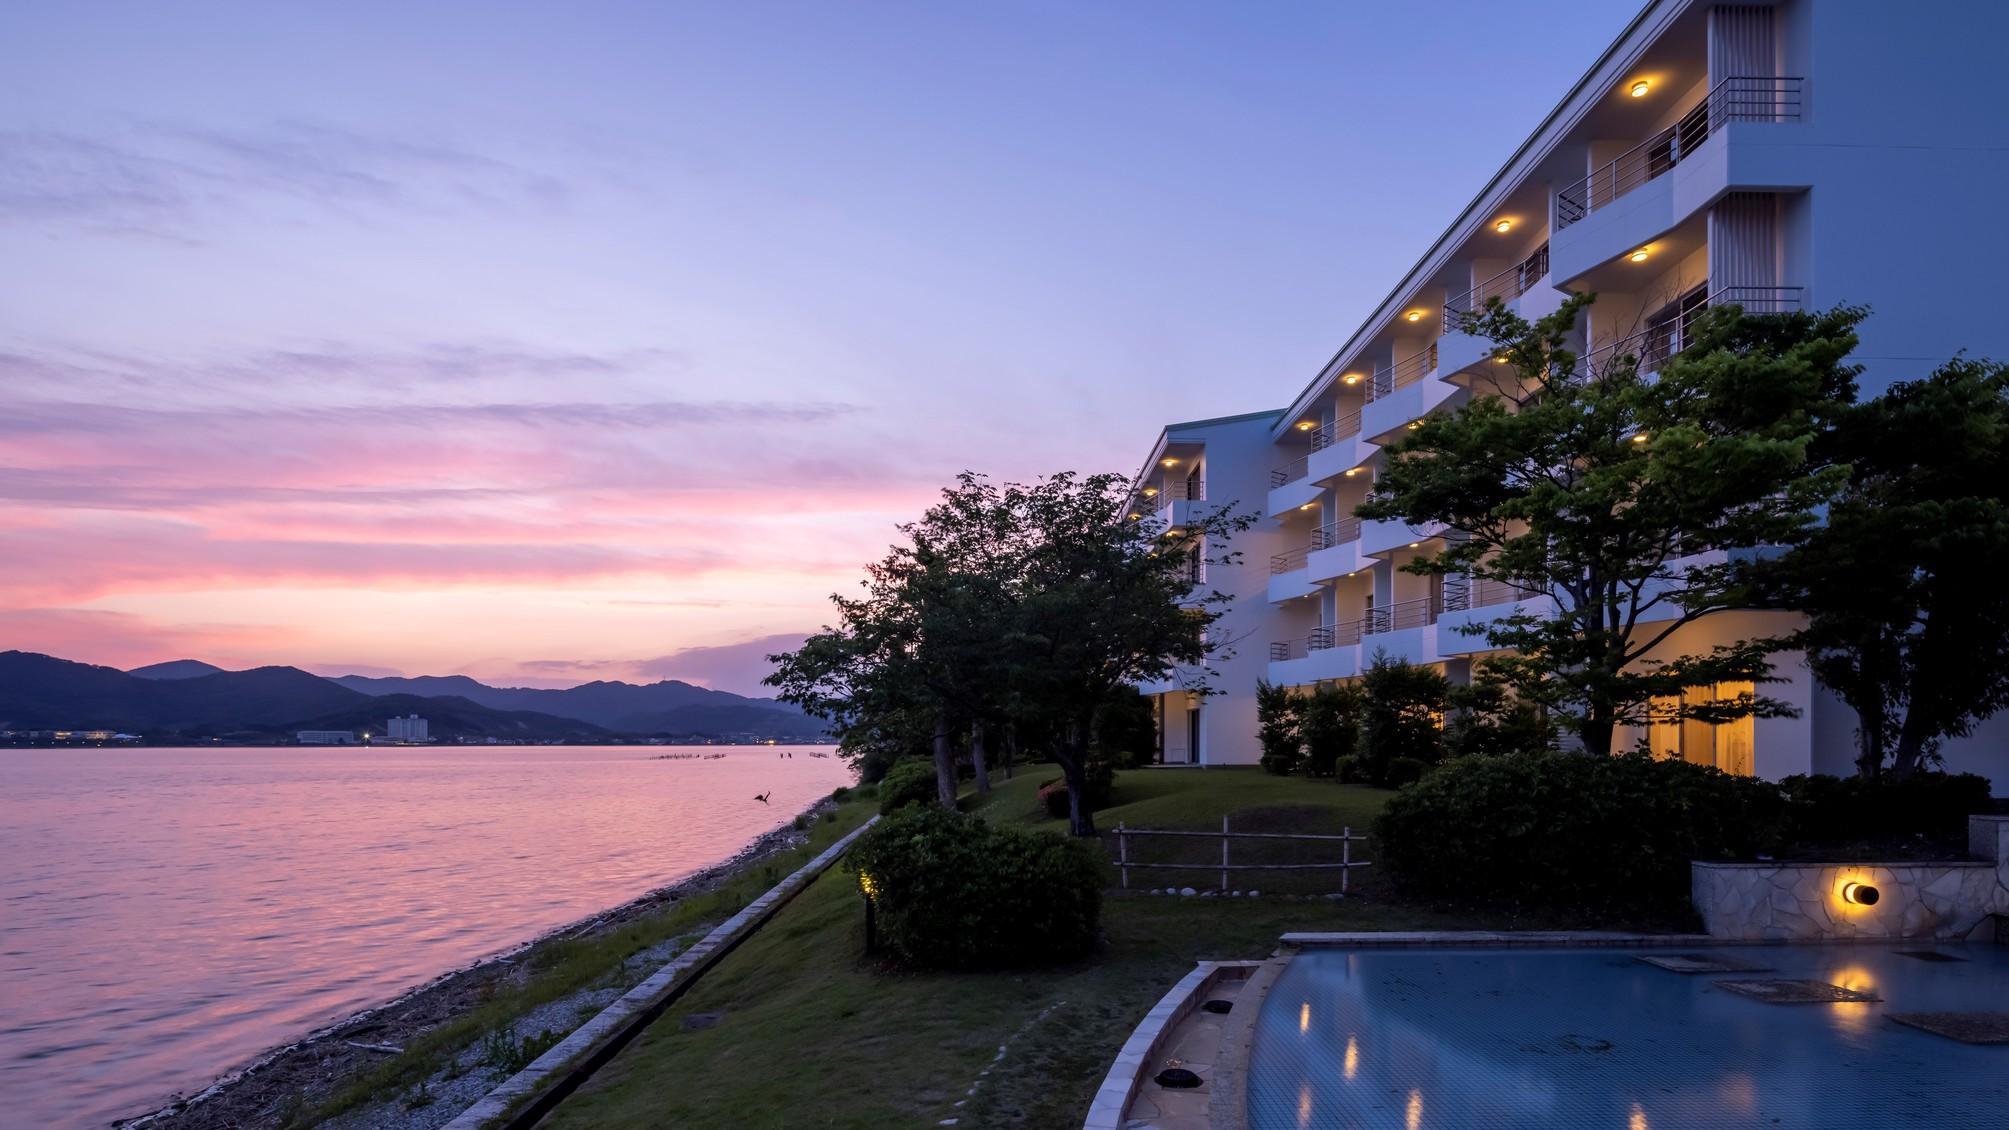 ホテルハーヴェスト浜名湖